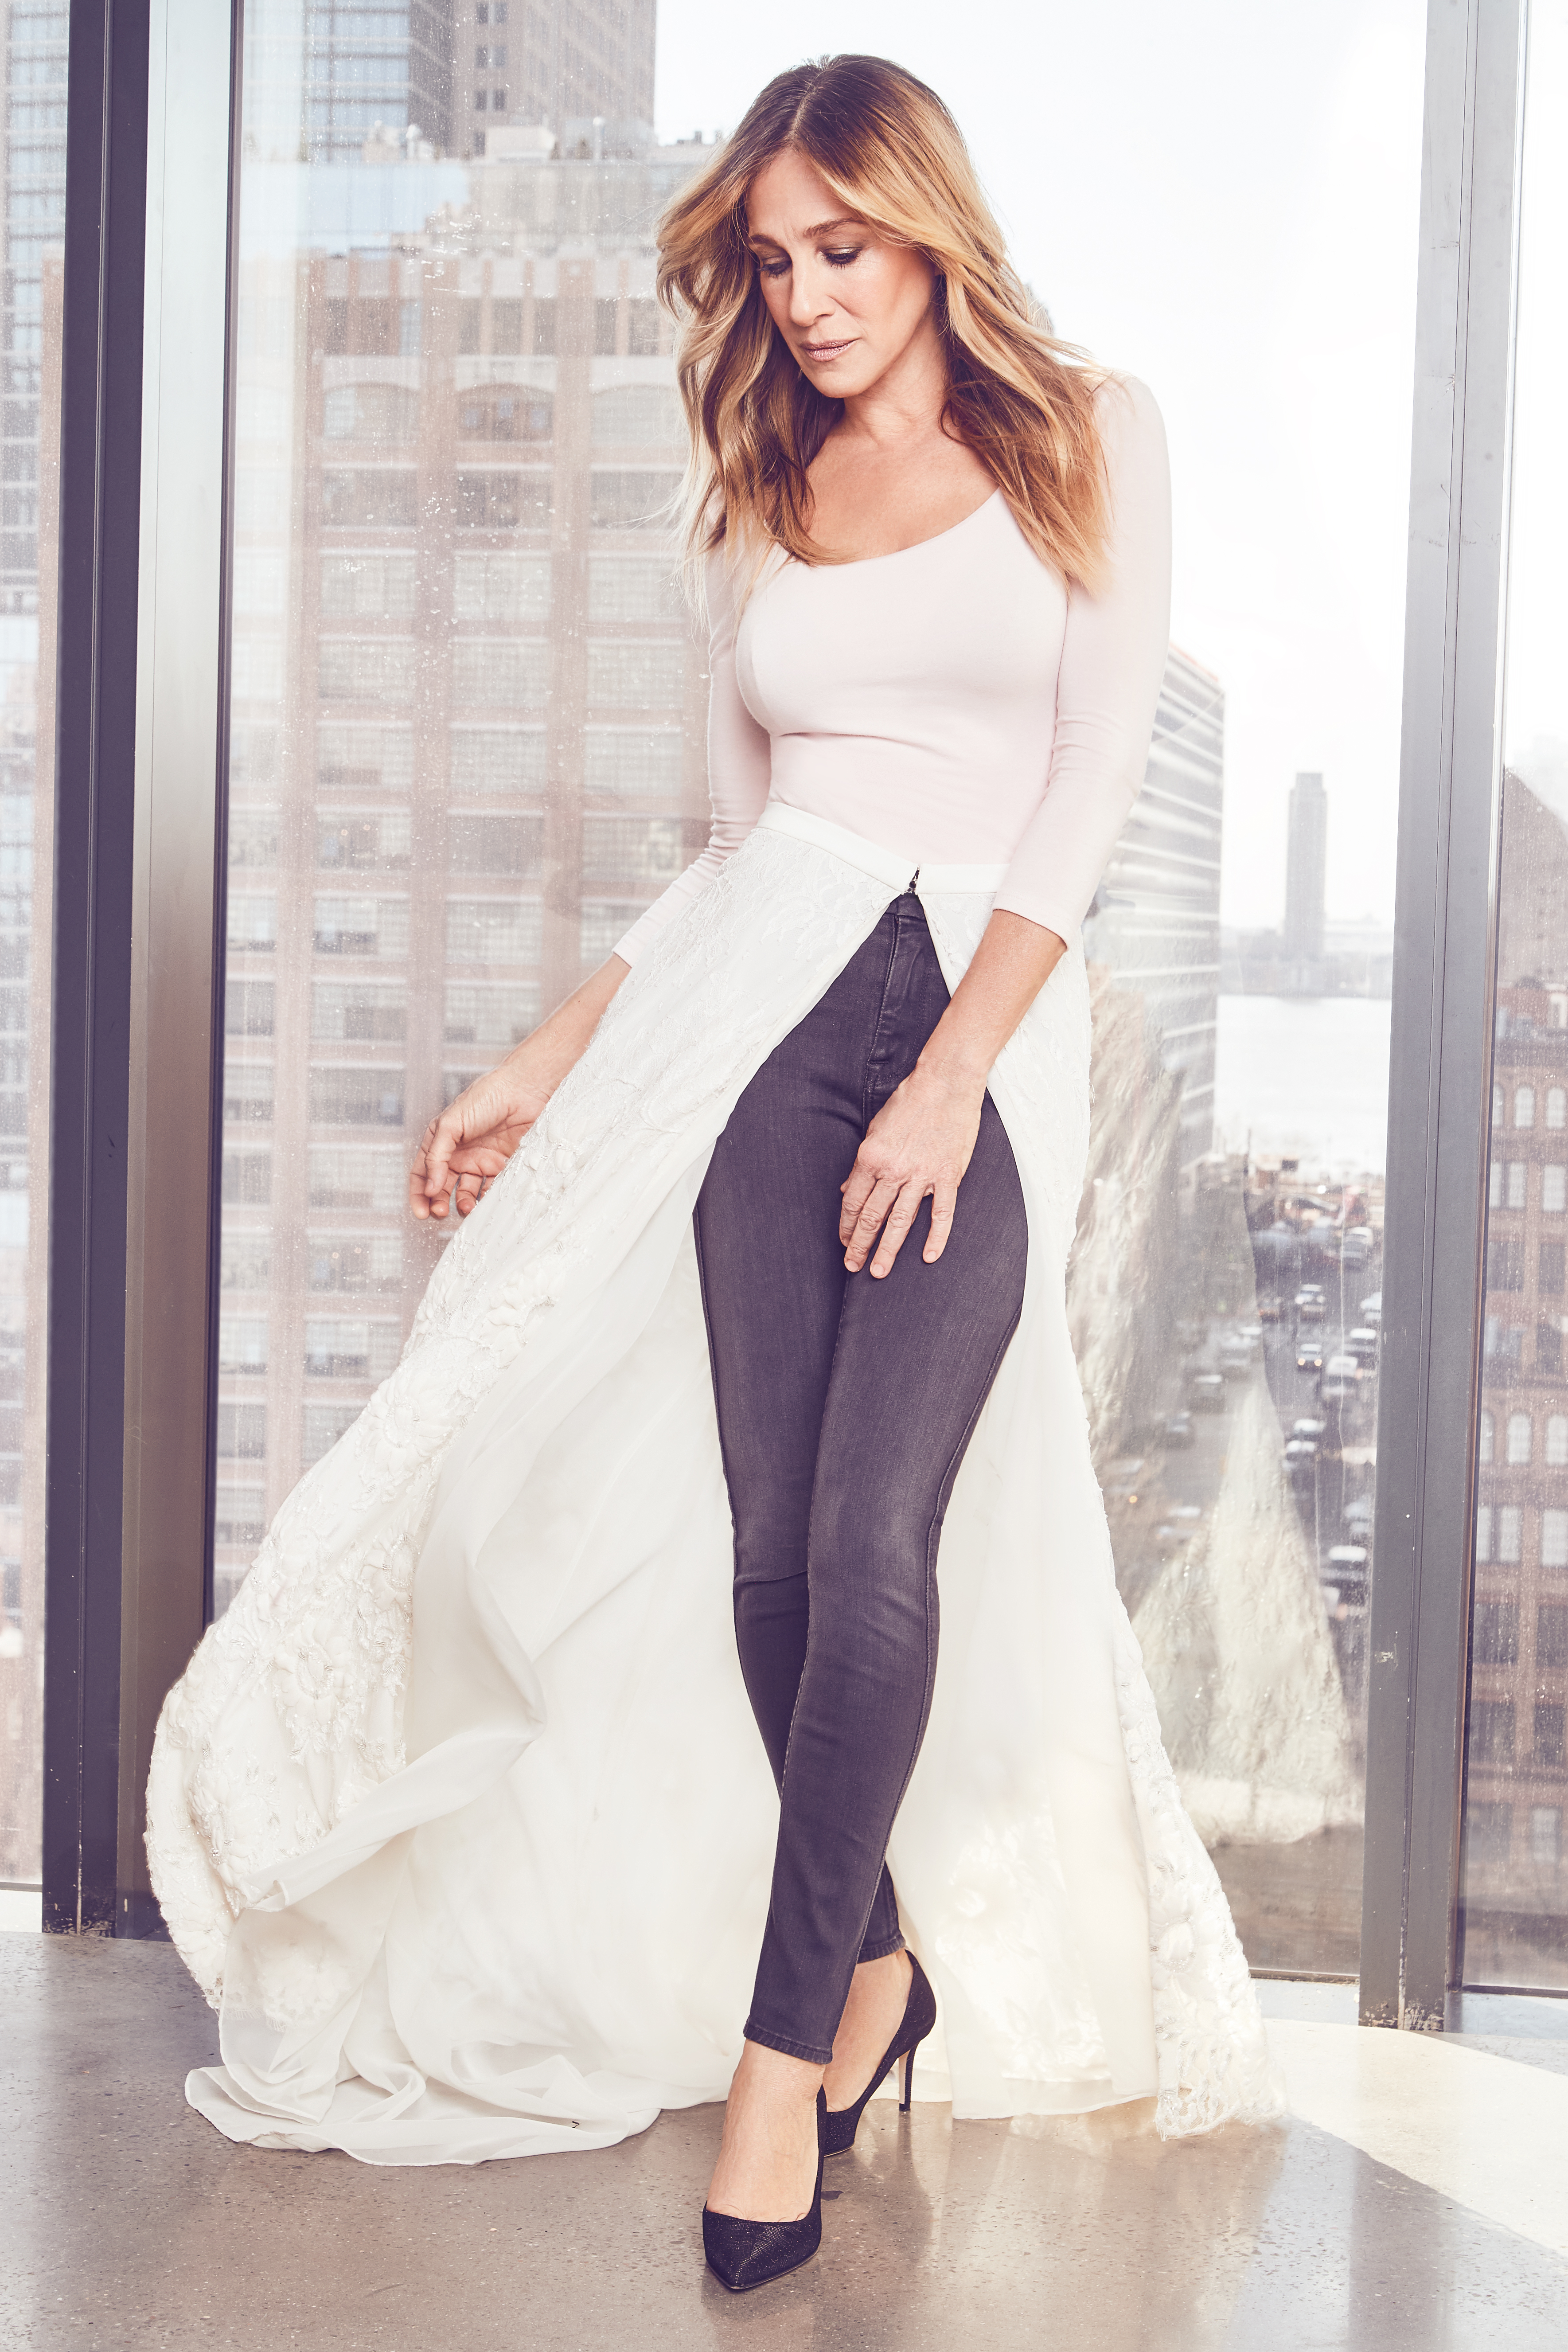 Sjp By Sarah Jessica Parker X Gilt Bridal Dresses Shoes Details